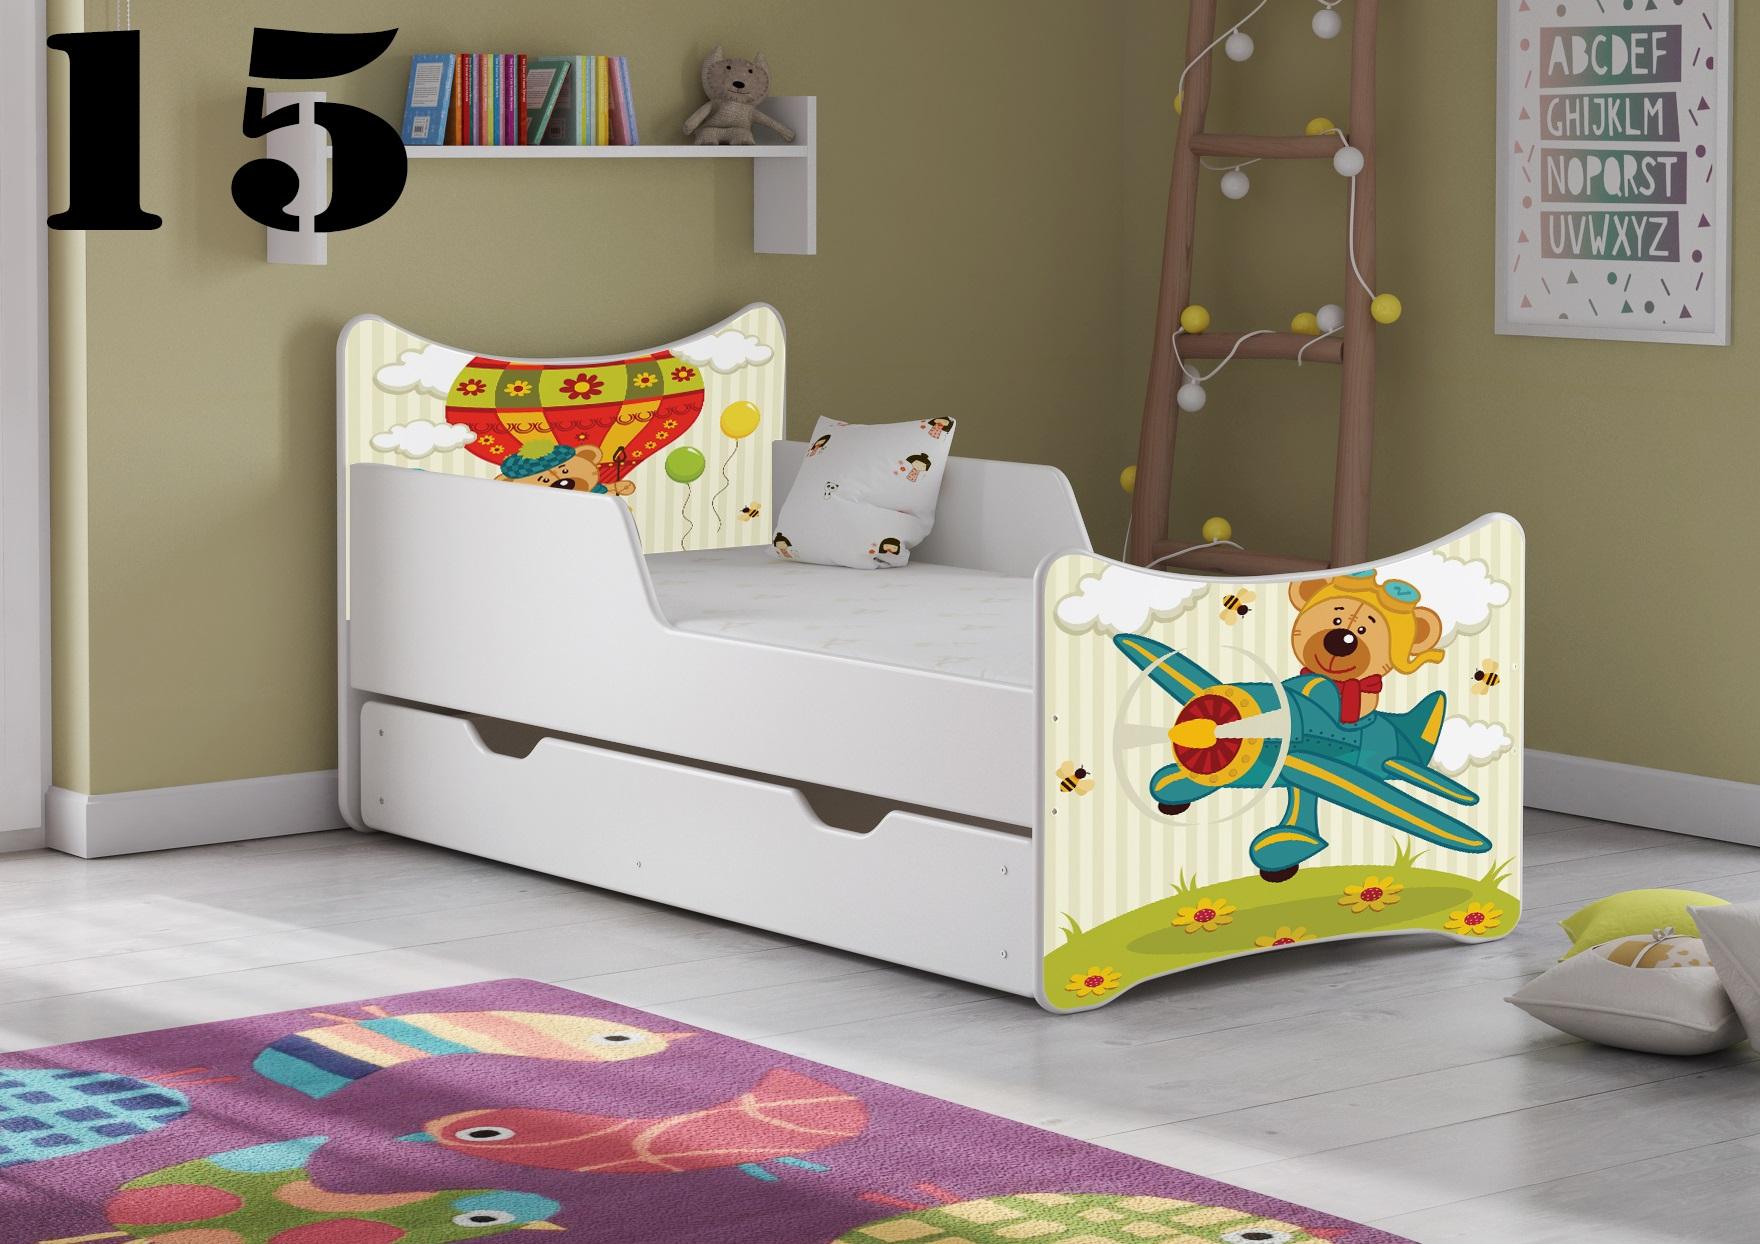 Detská posteľ SMB - zvieratá Prevedenie: Obrázok č.15